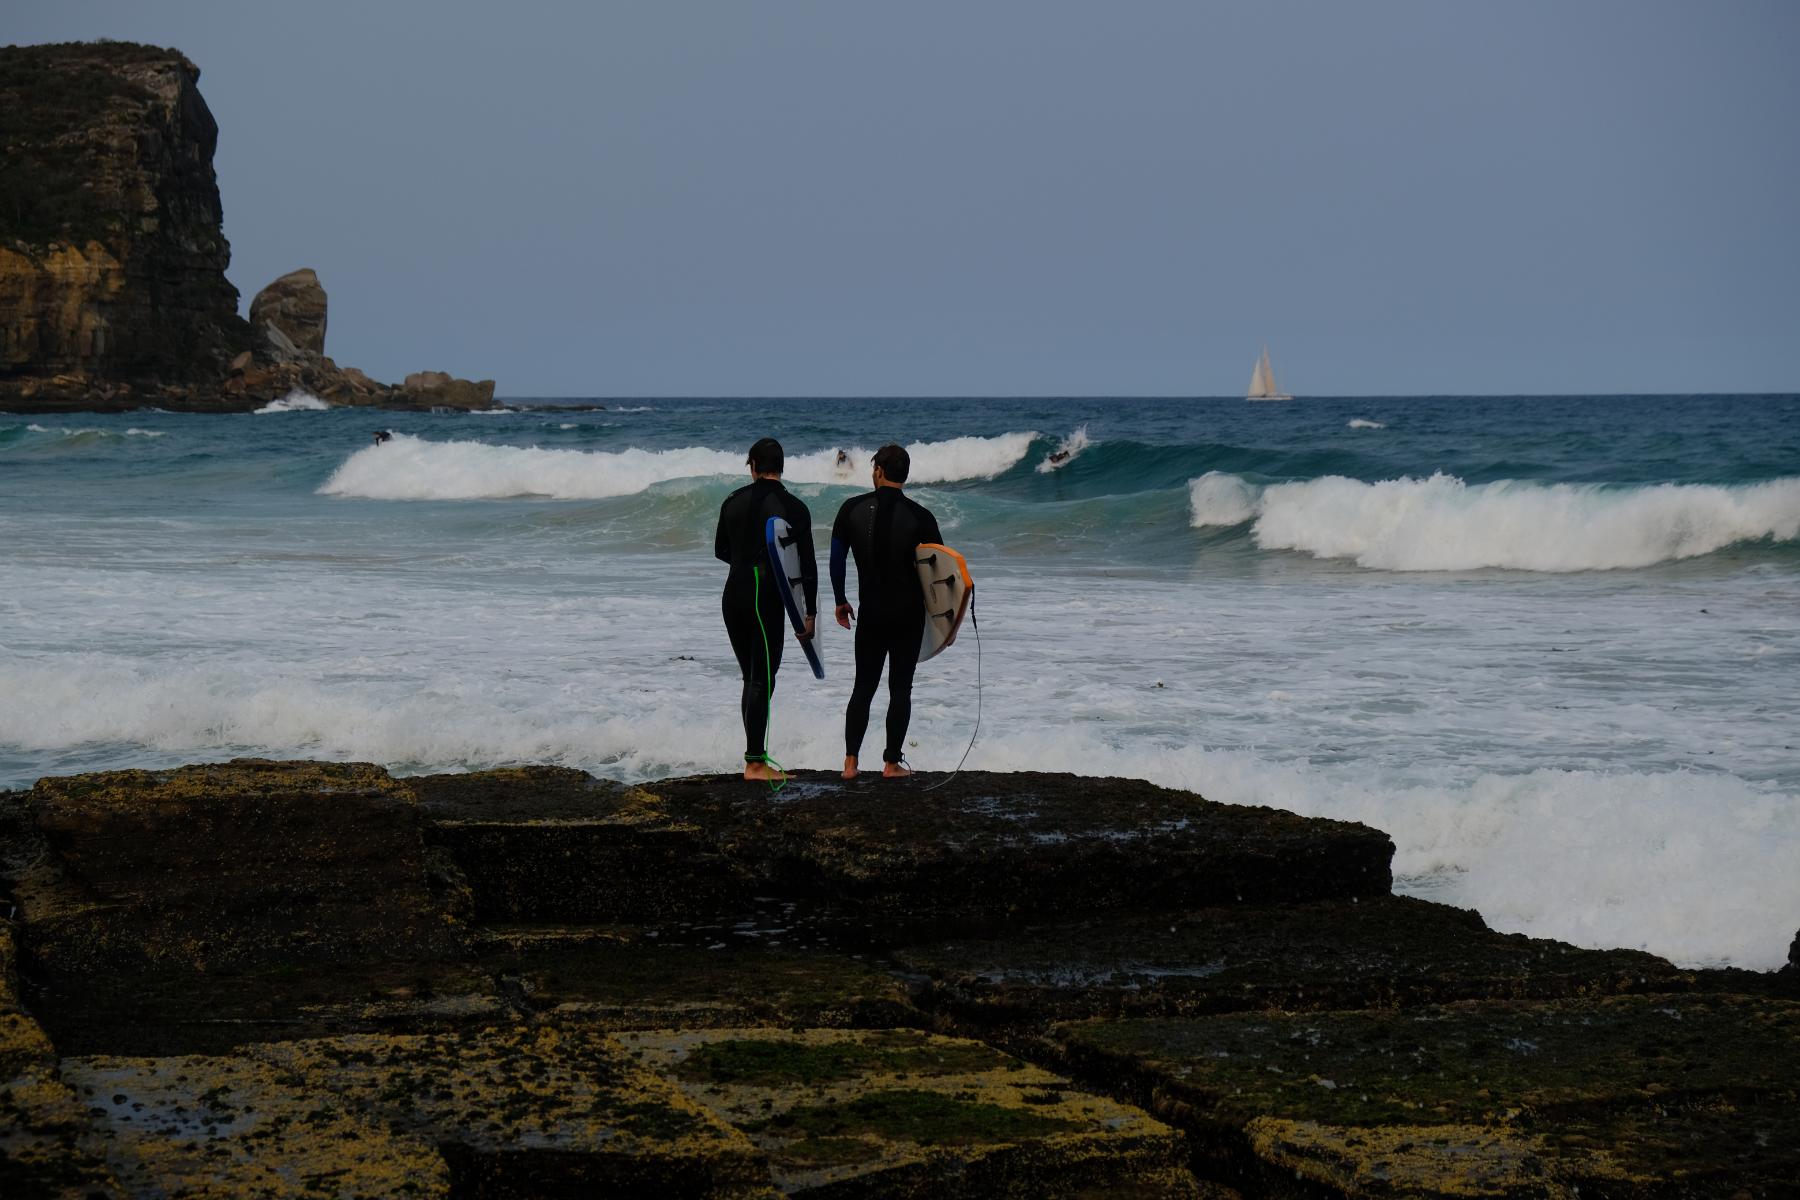 Zwei noch etwas unerfahrene Surfer suchen eine Stelle, um zu den Wellen zu gelangen